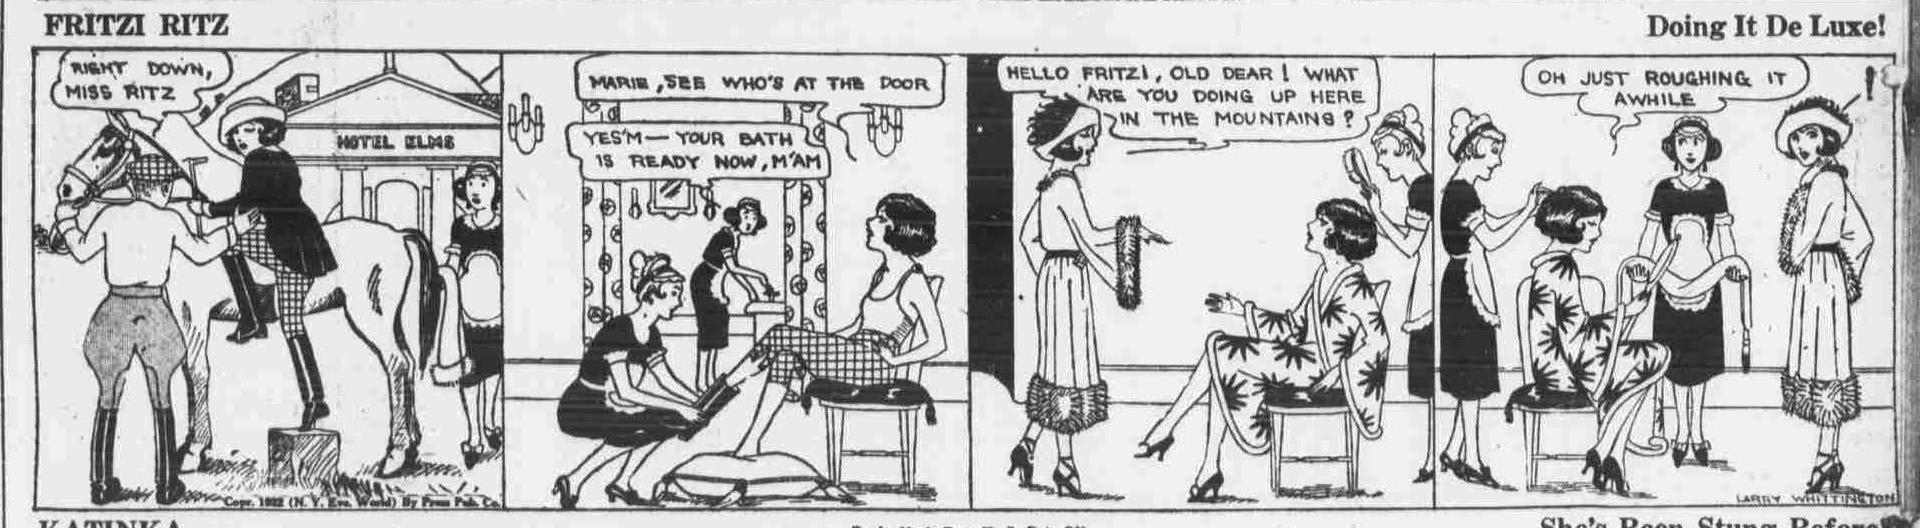 Oct. 9, 1922